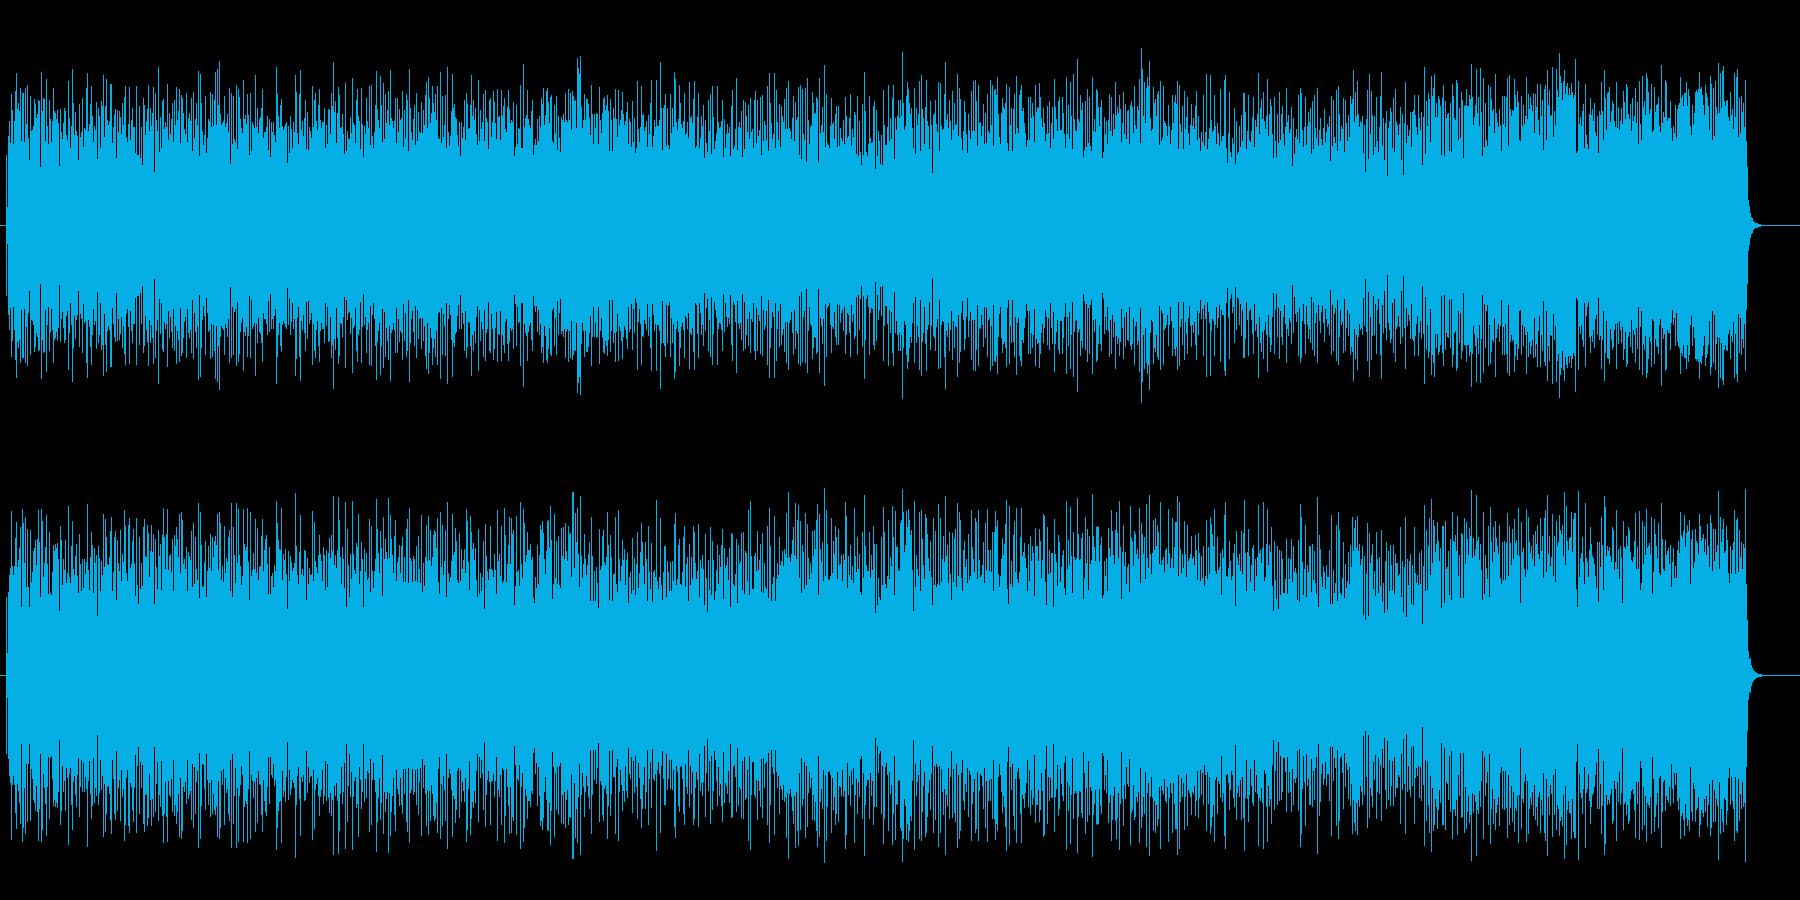 テンポのよい懐かしい軽音楽ライトポップスの再生済みの波形